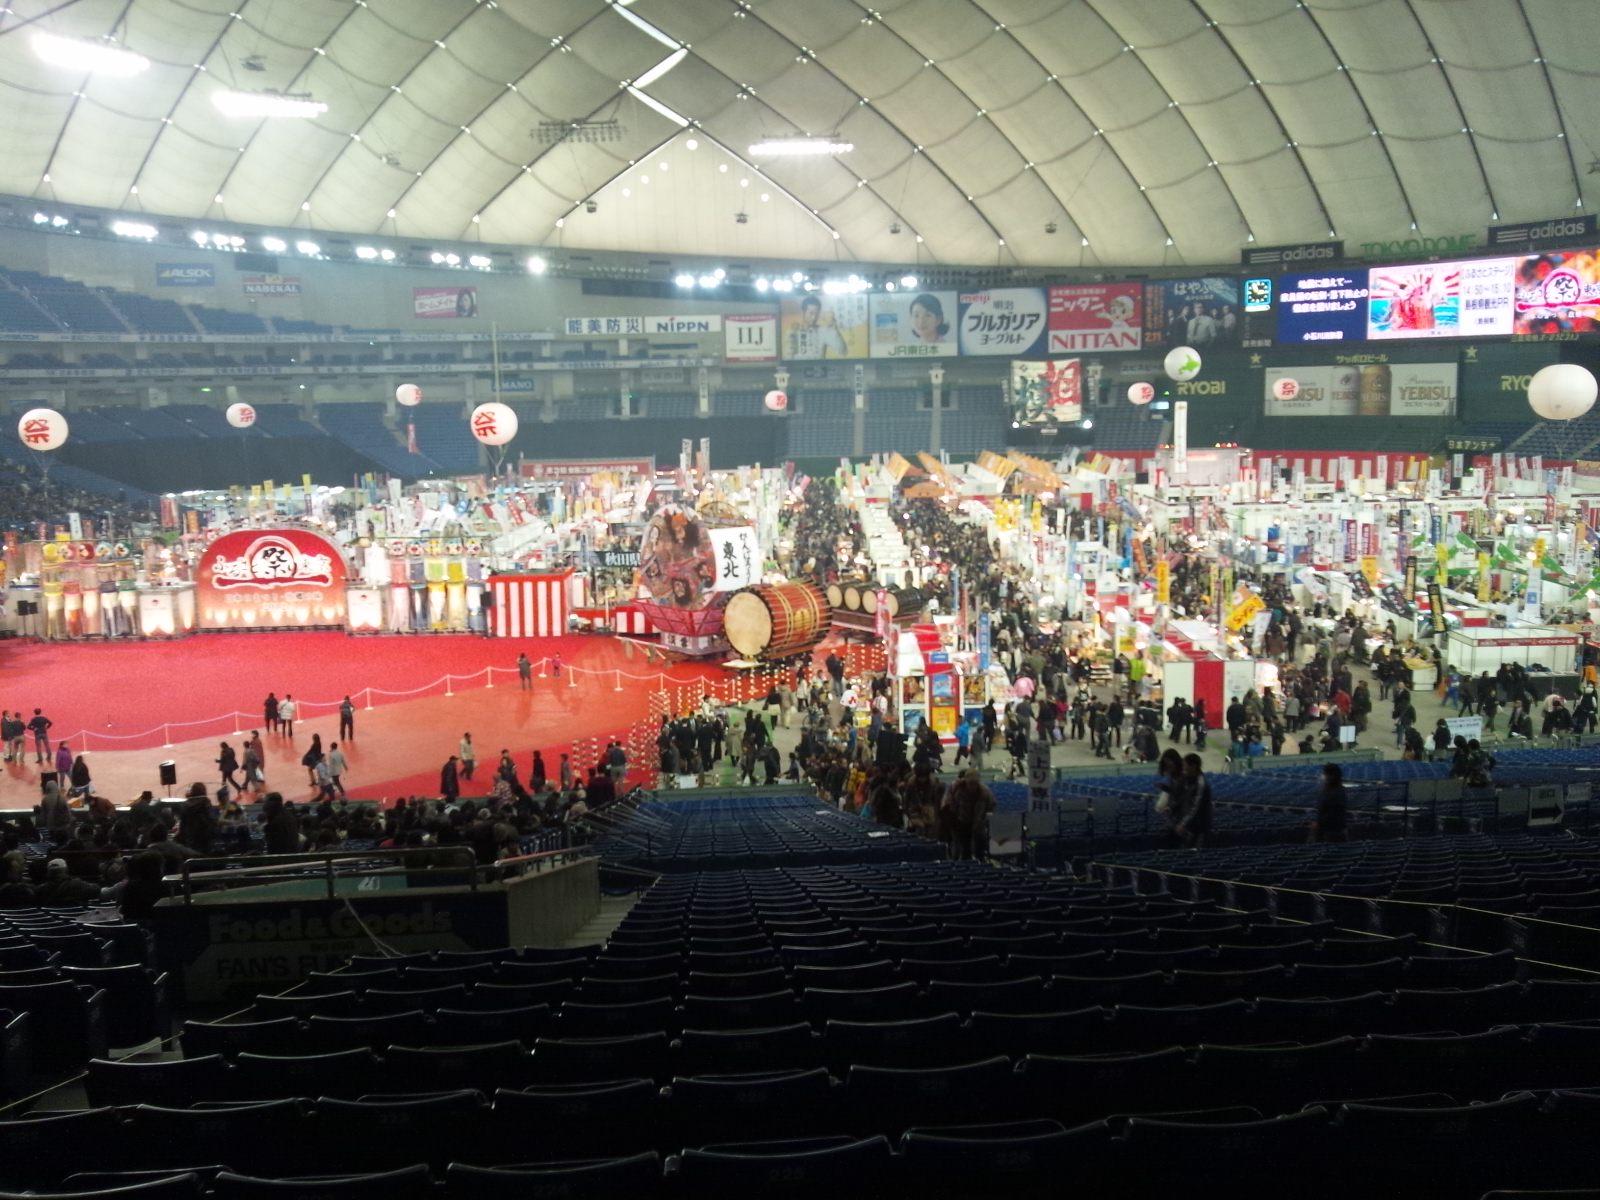 ふるさと祭り@東京ドーム